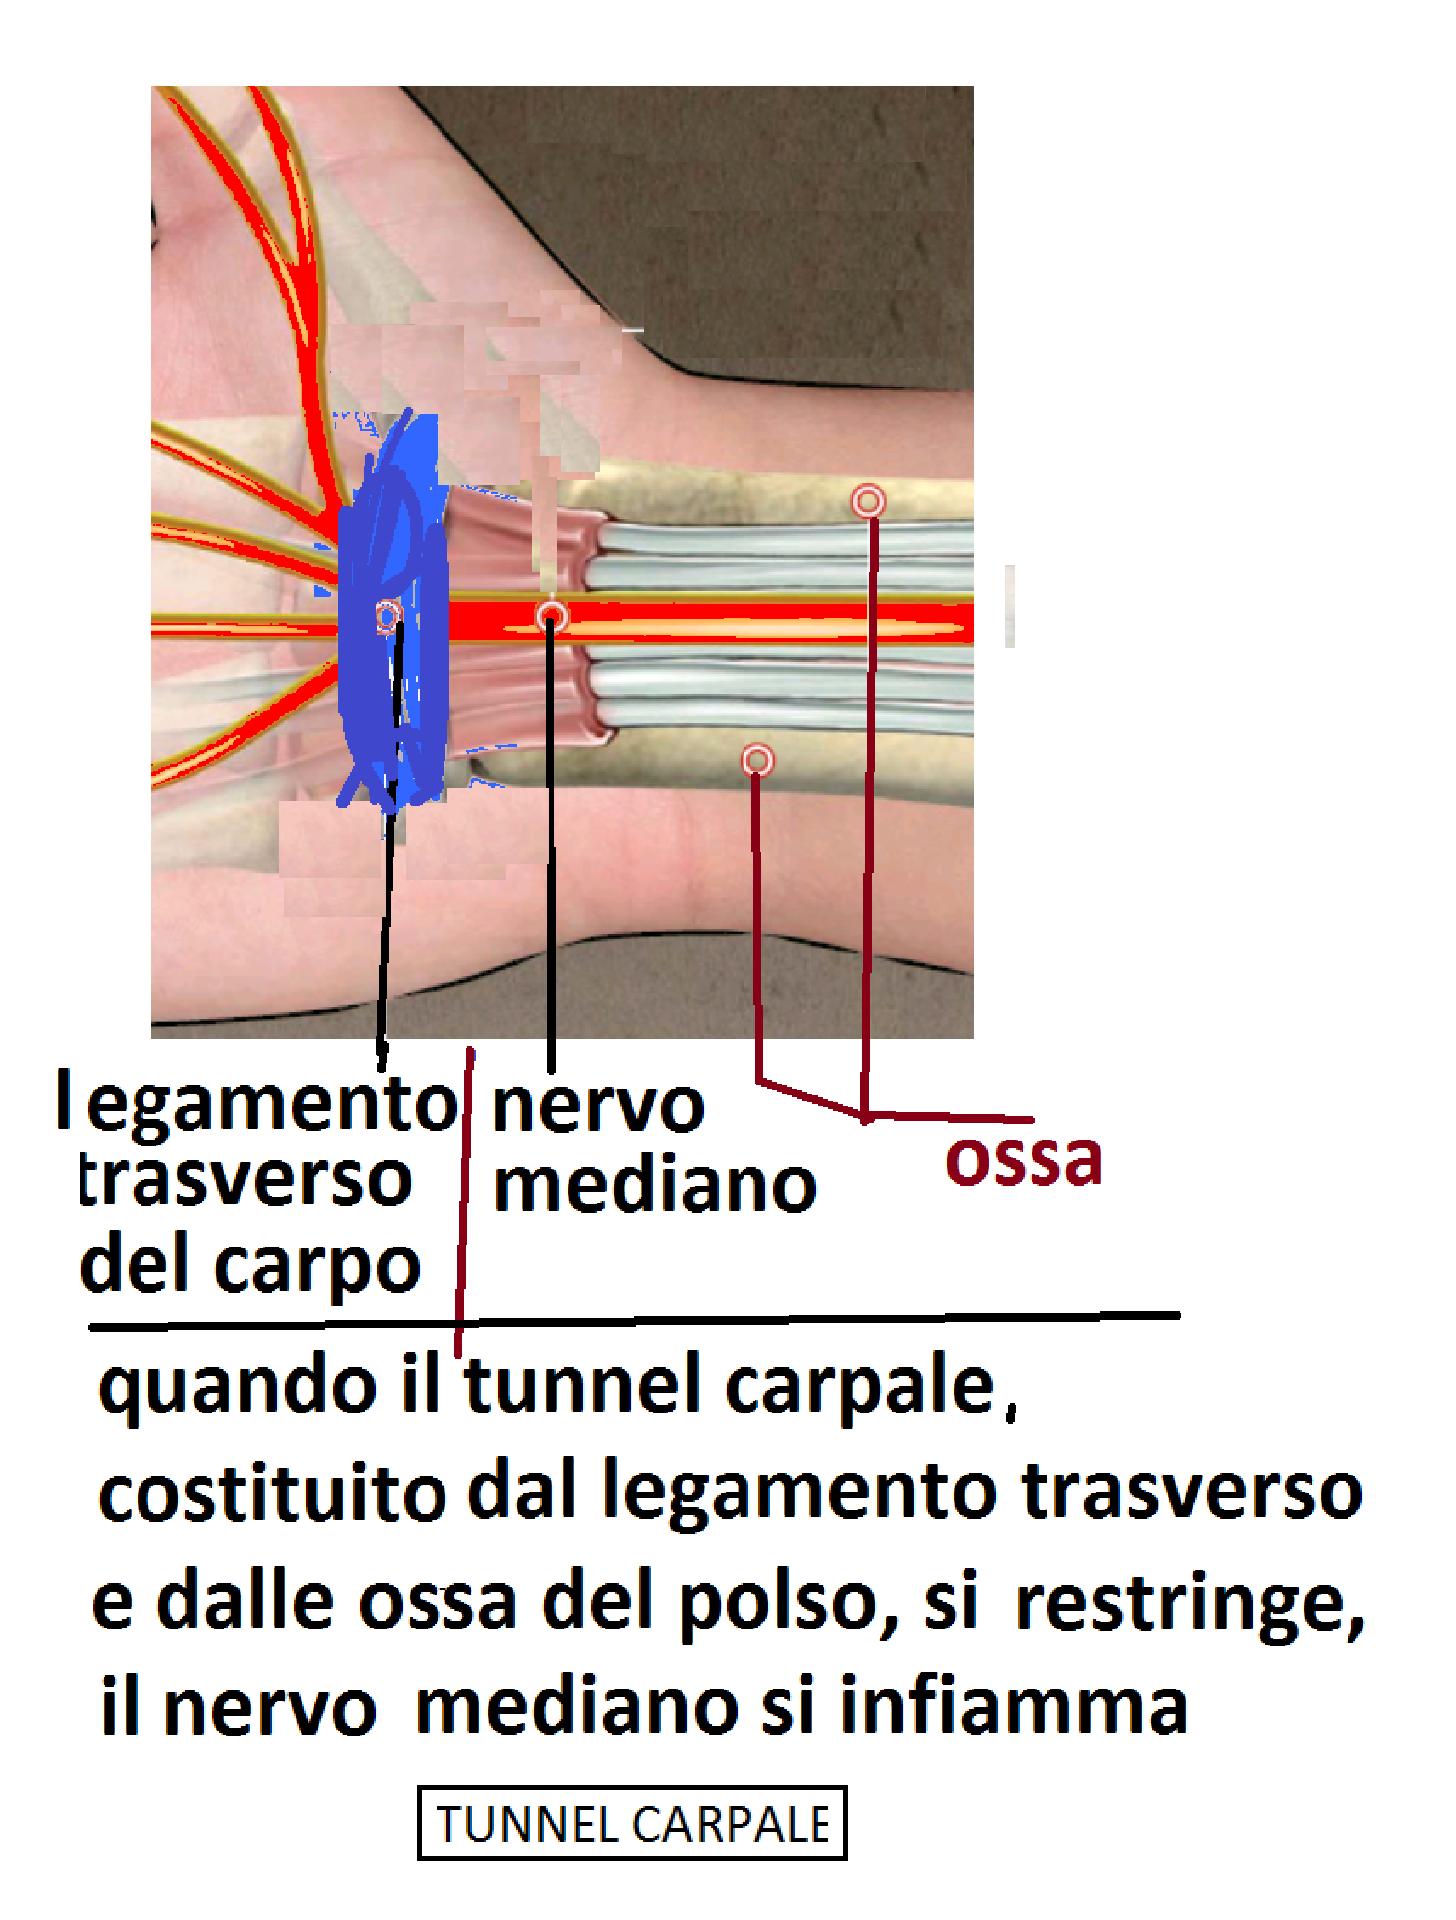 NOTA 6 – Per mettere in evidenza UN SINTOMO IMPORTANTE dell artrite  reumatoide ddd8dab31e4b